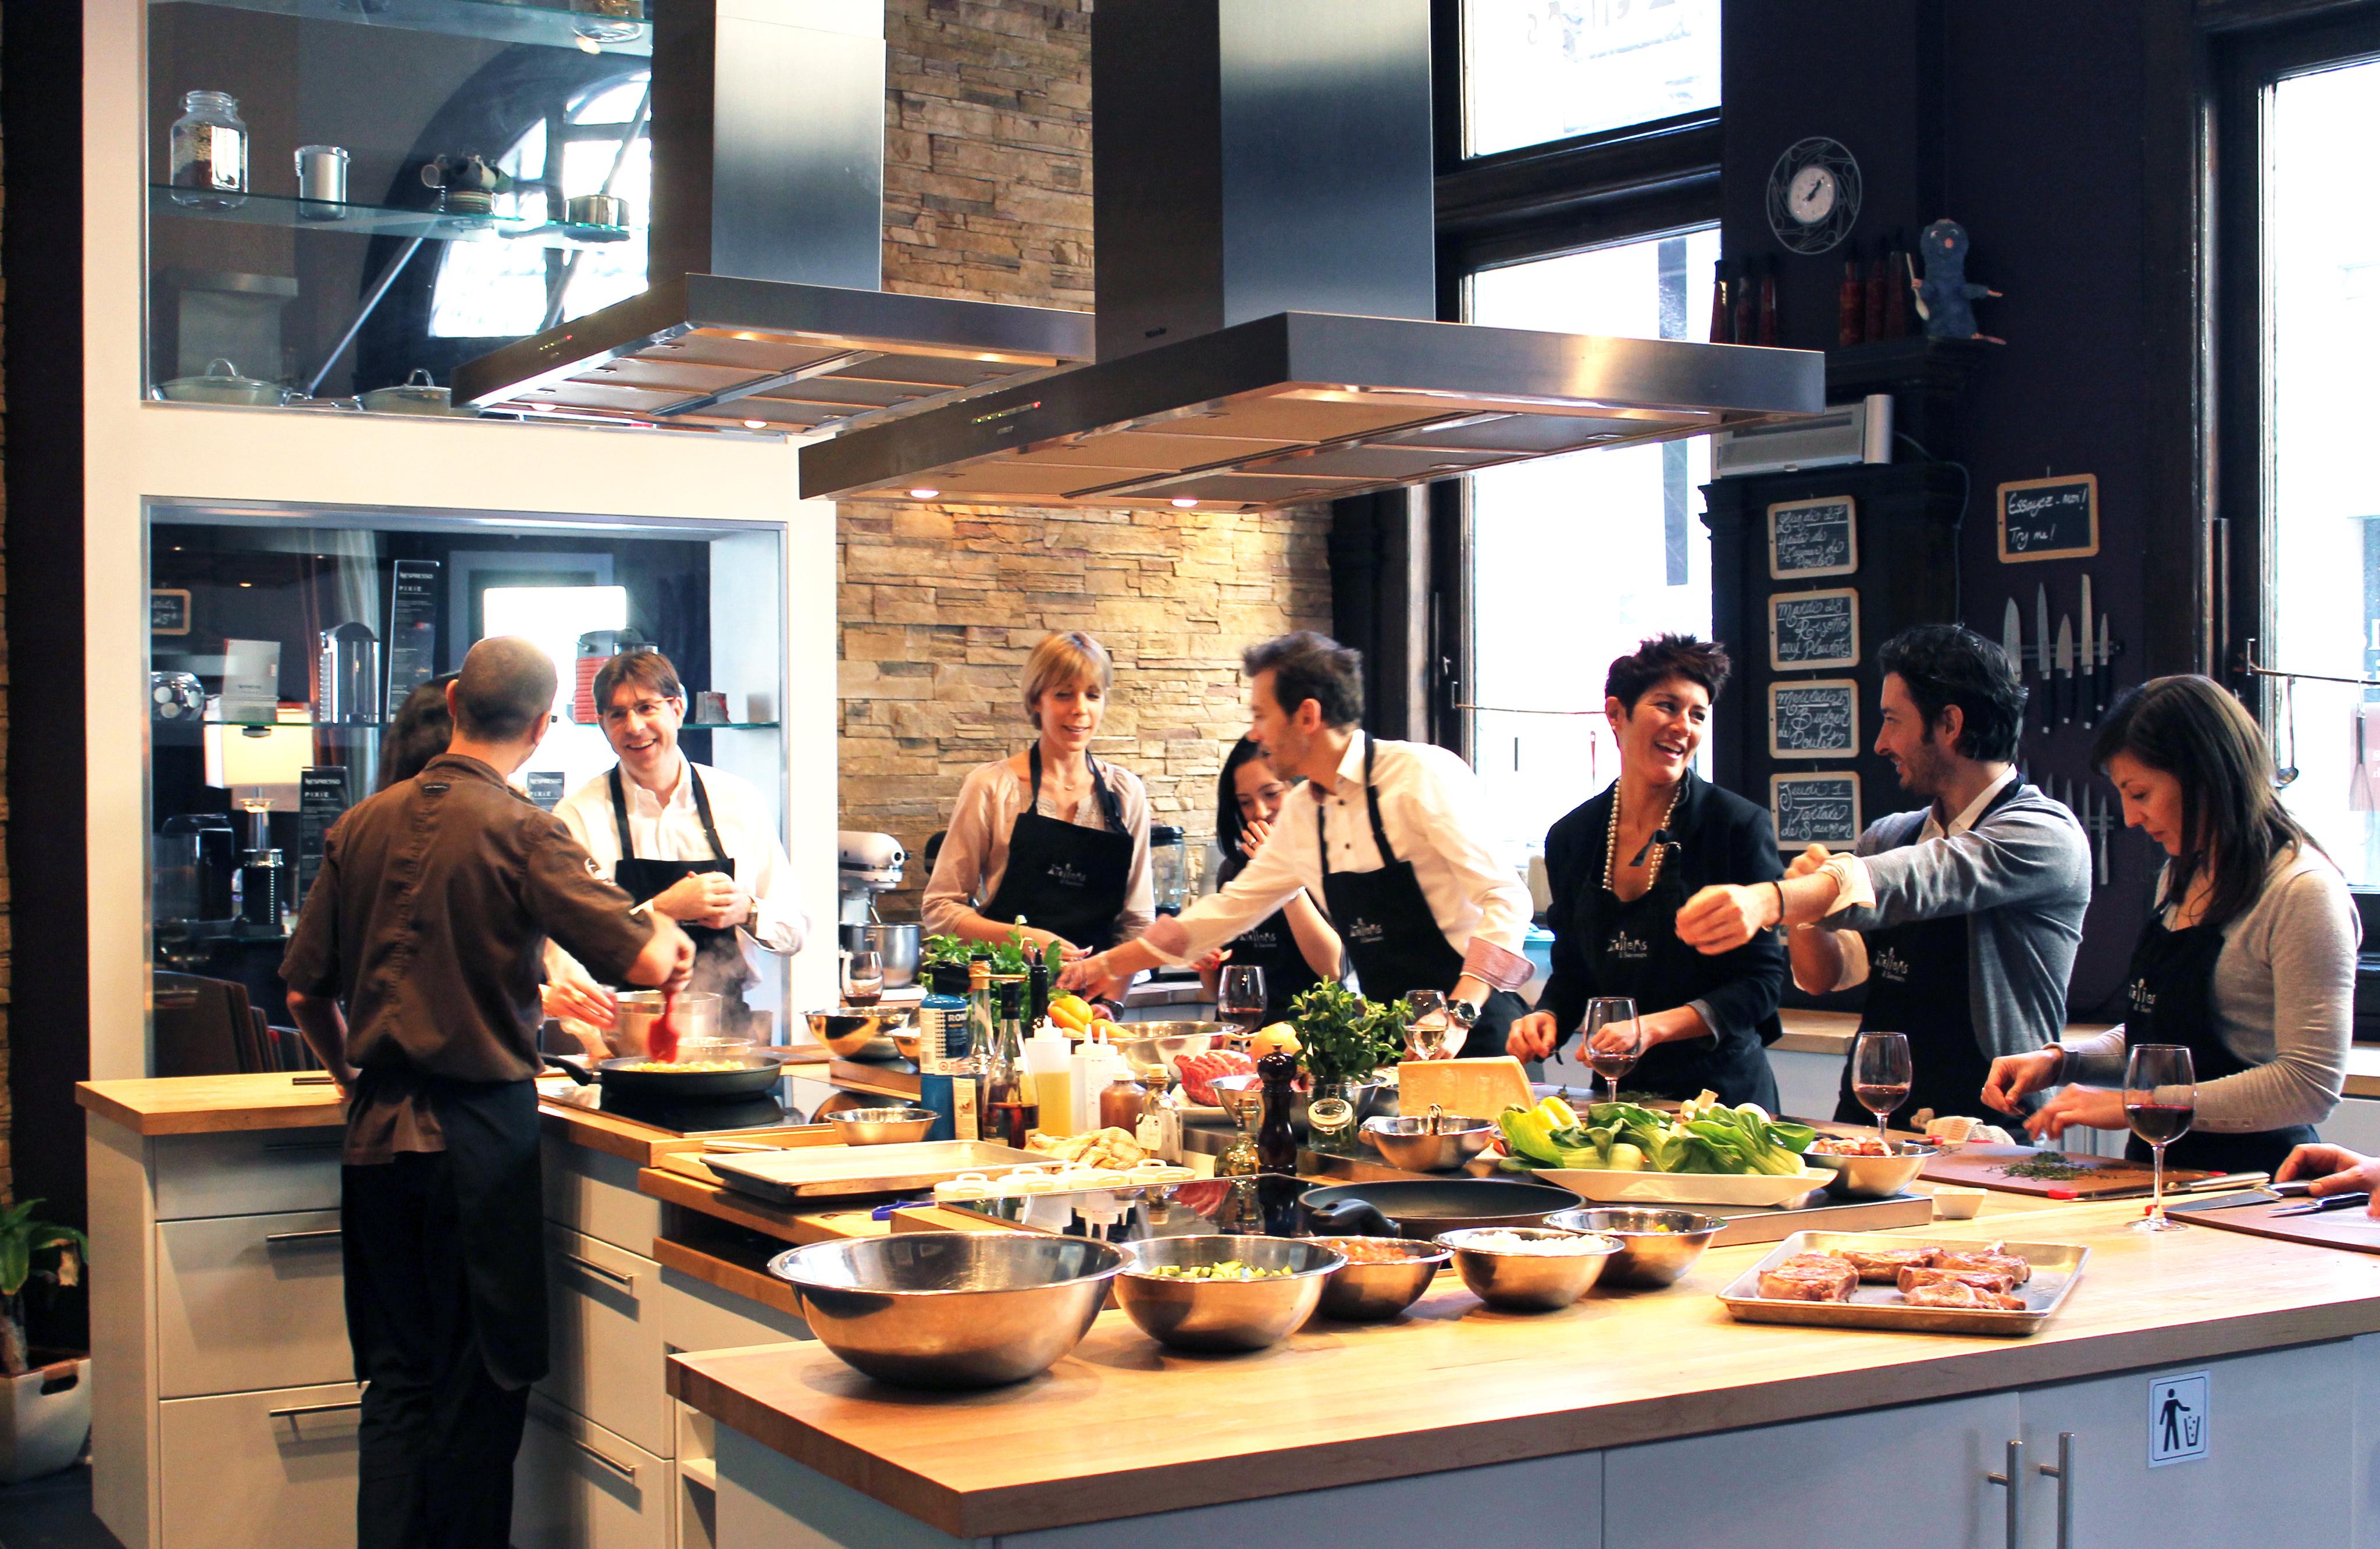 ateliers saveurs 233 cole de cuisine cocktails et vins pour tous l envers du bar